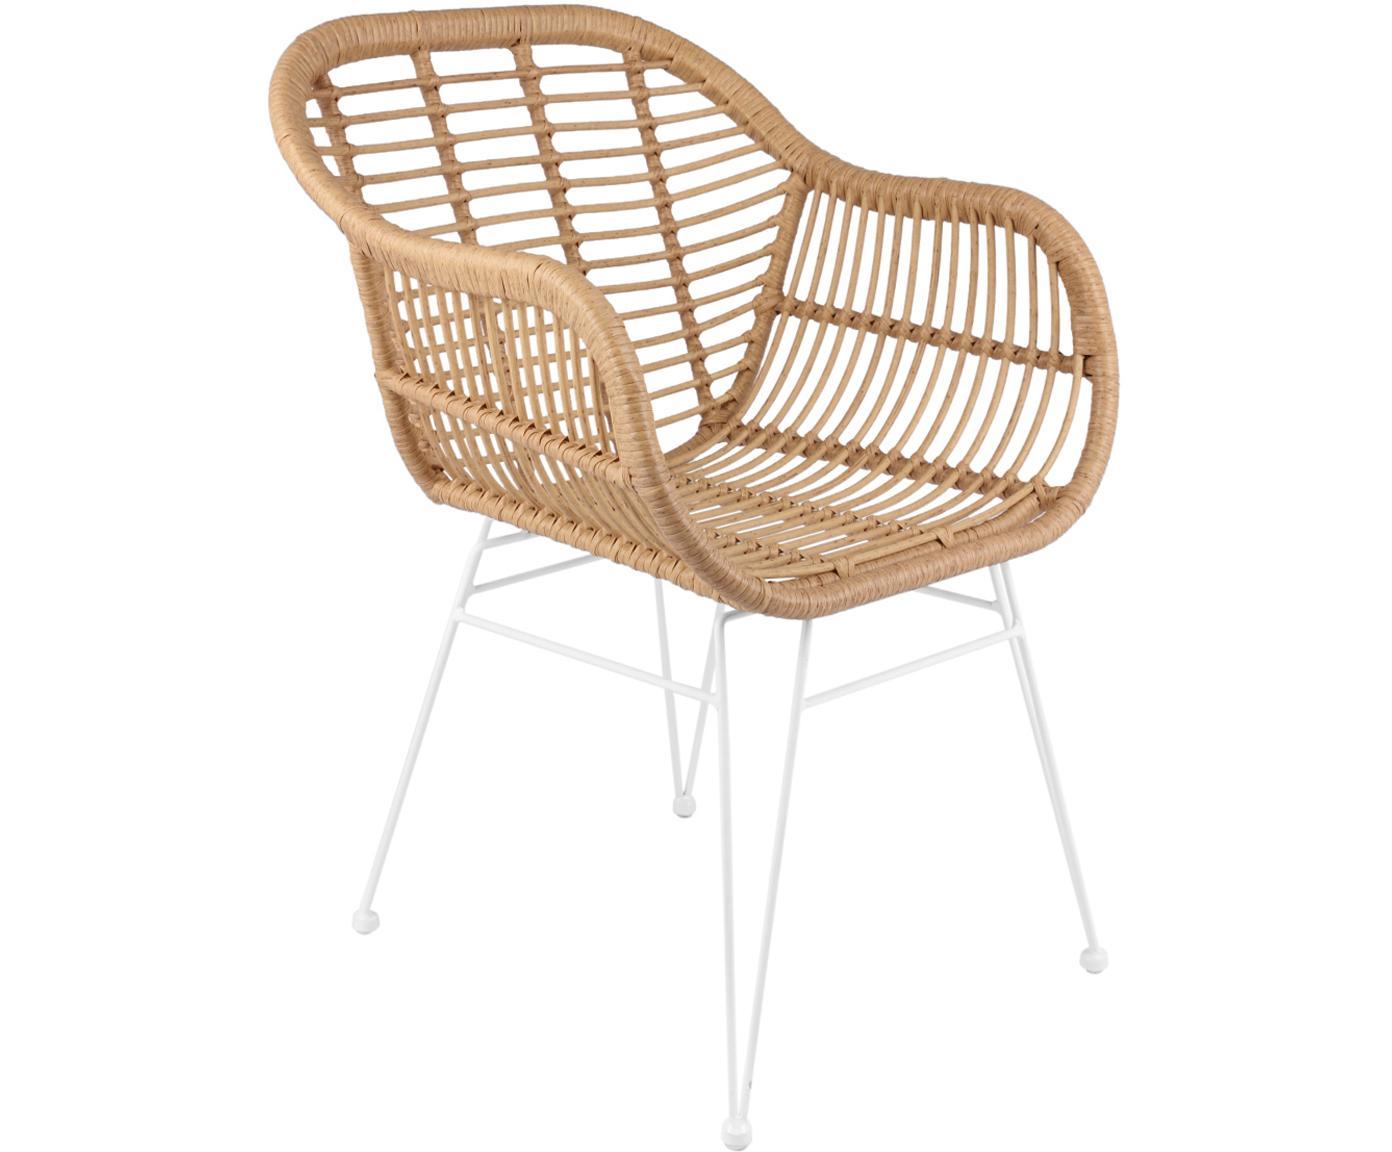 Polyrattan-Armlehnstühle Costa, 2 Stück, Sitzfläche: Polyethylen-Geflecht, Gestell: Metall, pulverbeschichtet, Hellbraun, Beine Weiß, B 60 x T 58 cm